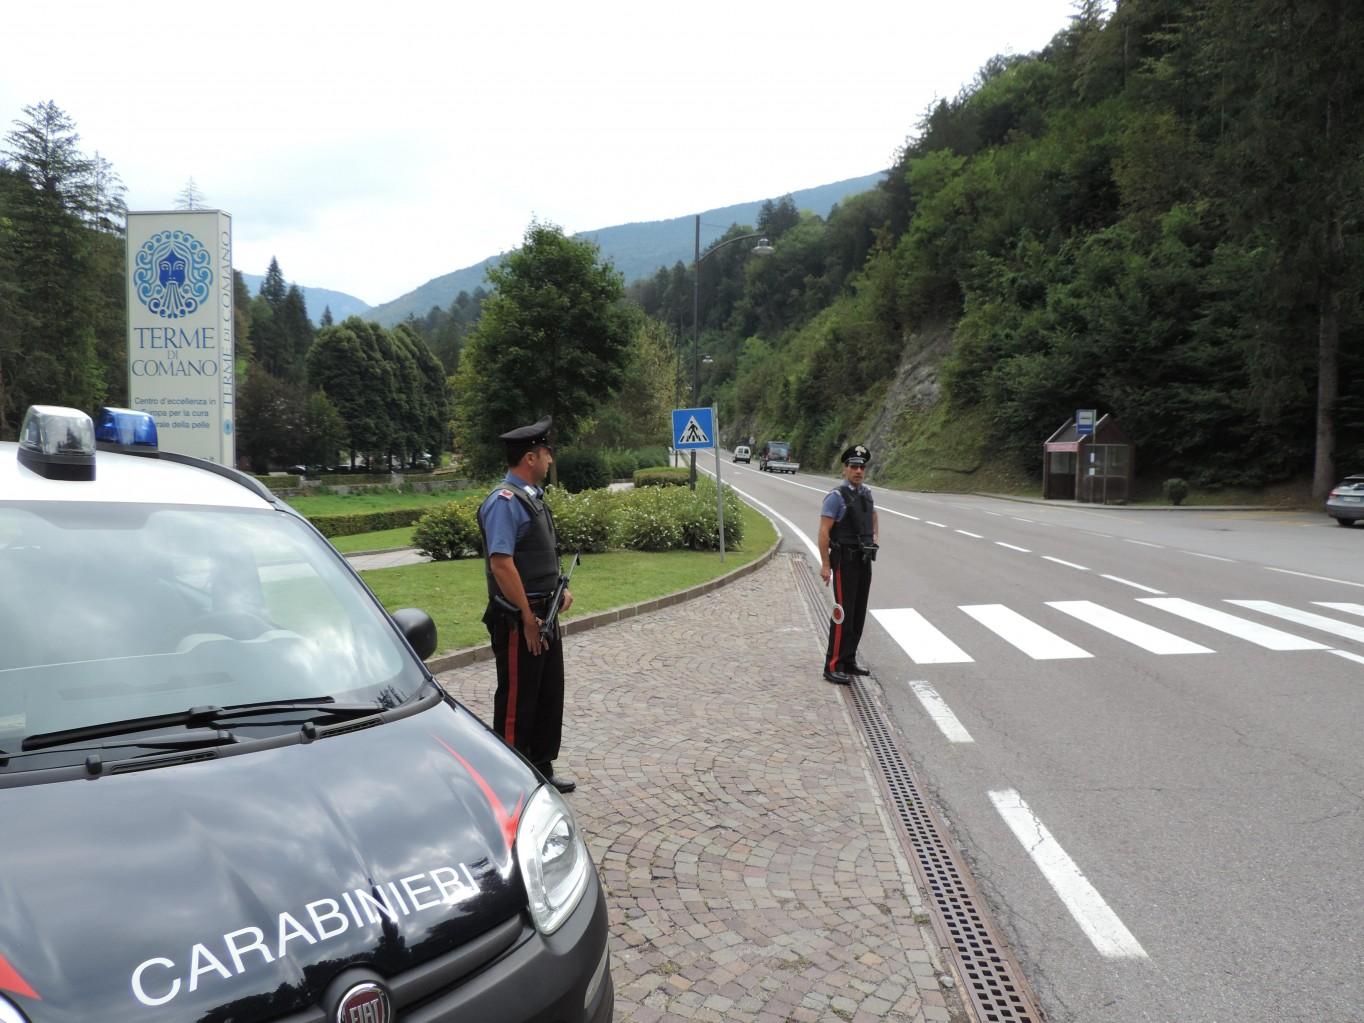 carabiniericomano